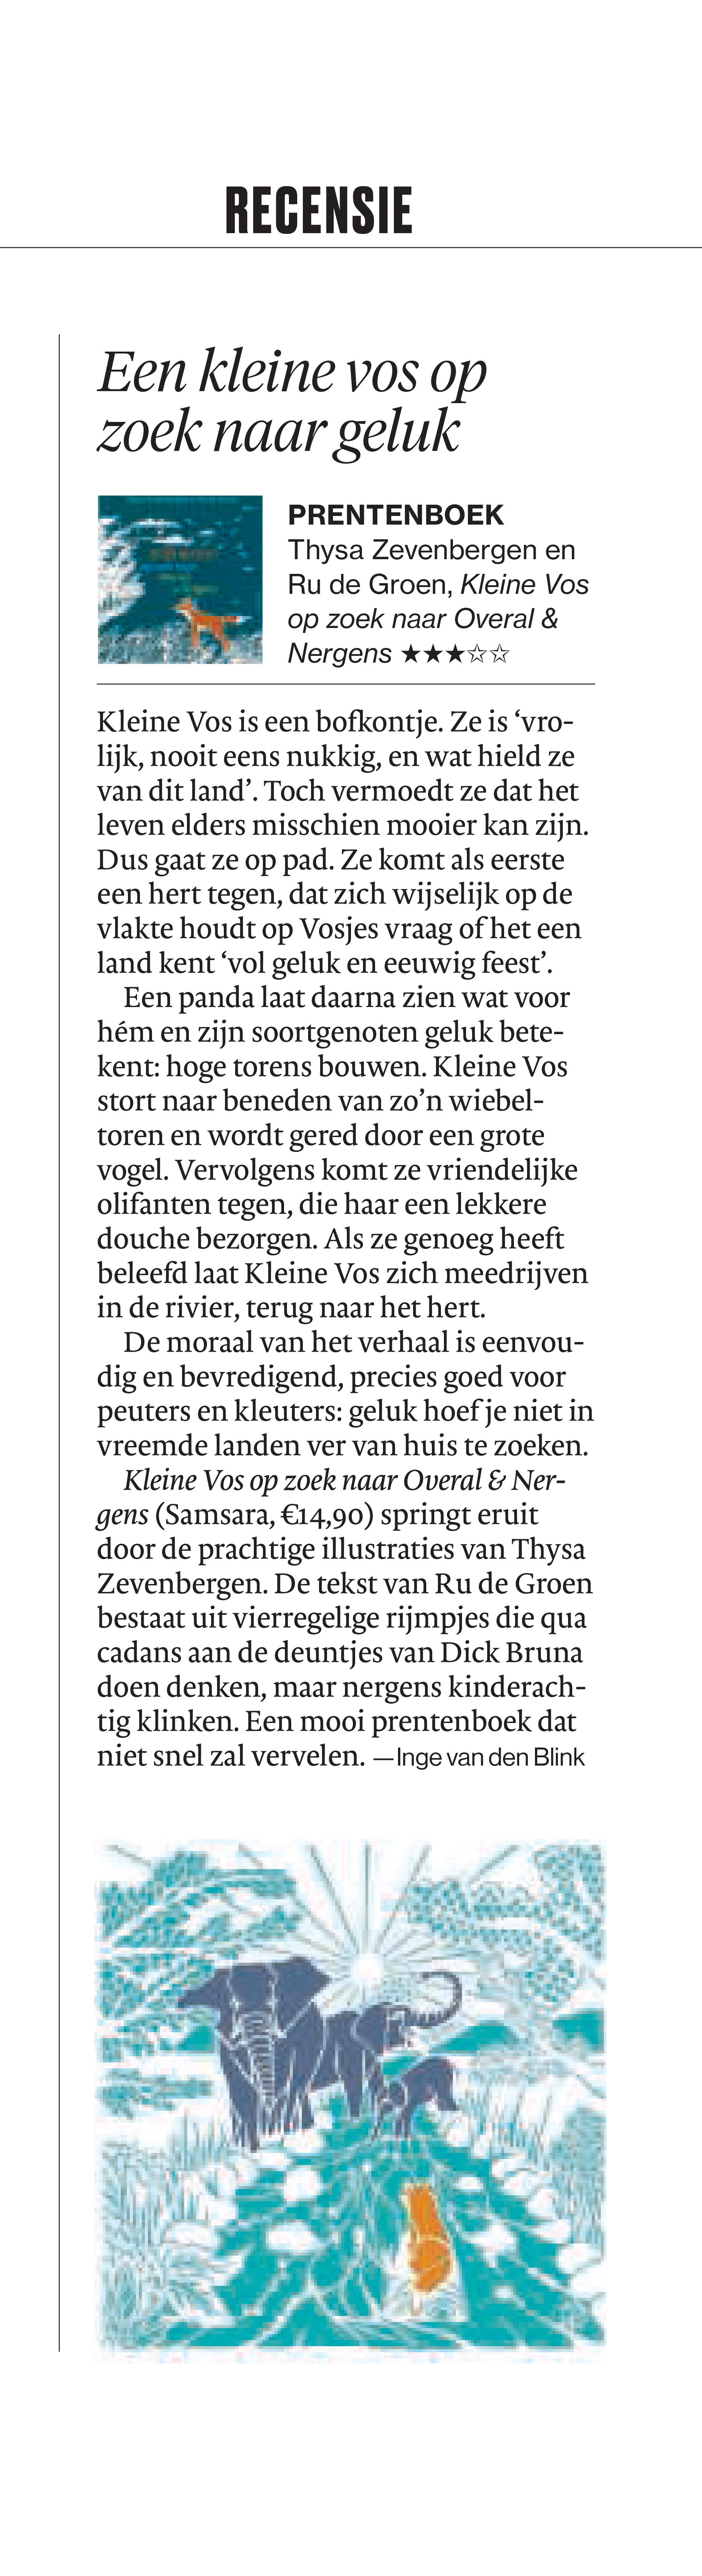 Recensie AD 25.05.19 Inge van den Blink